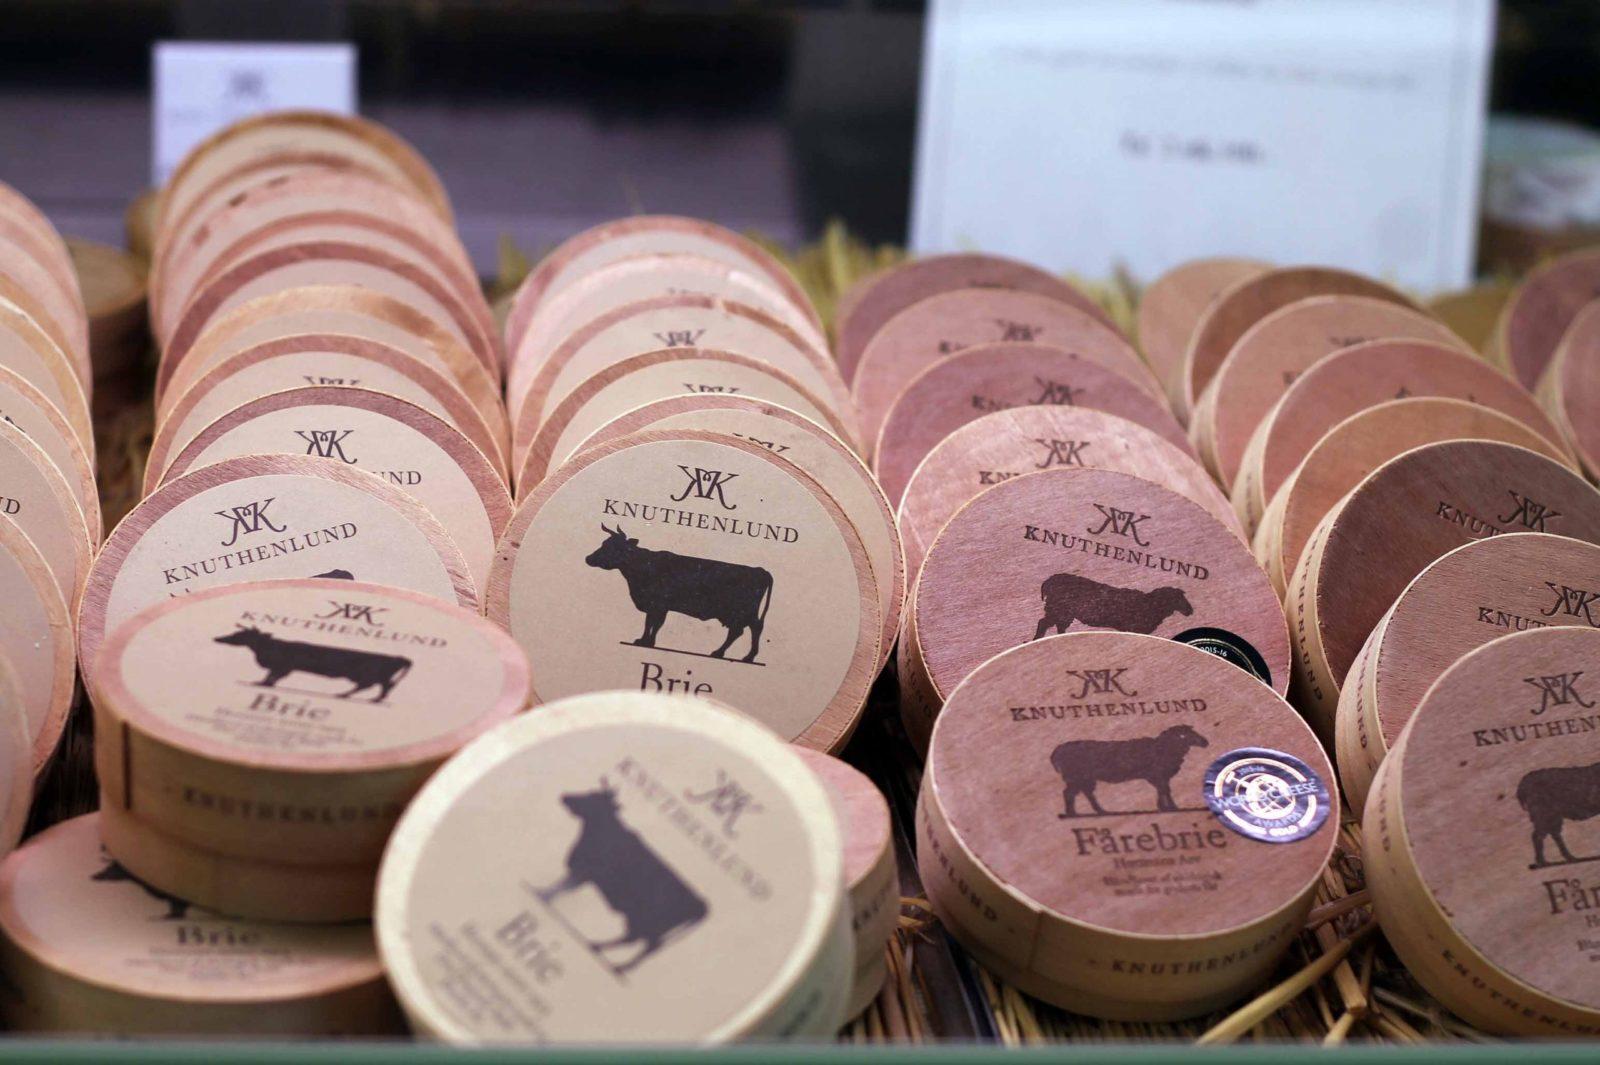 Ausgezeichnet Hausgemachter Käse vom Öko-Landwirtschaftsbetrieb Knuthenlund